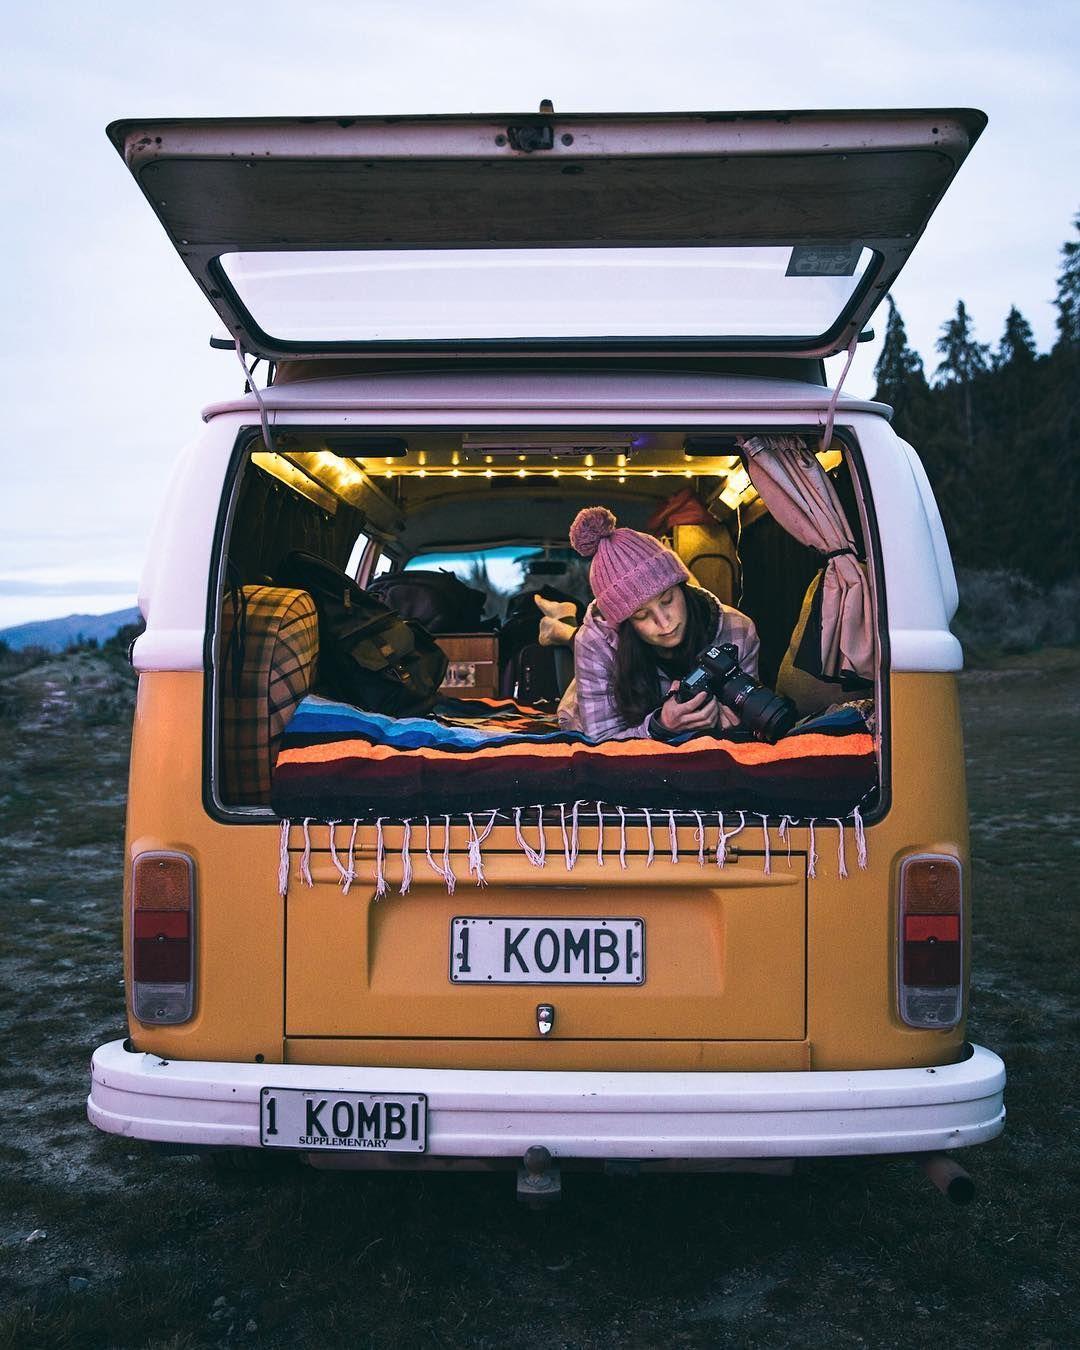 Kombi life! 🤙🏻 we had a blast cruising around New Zealand ...